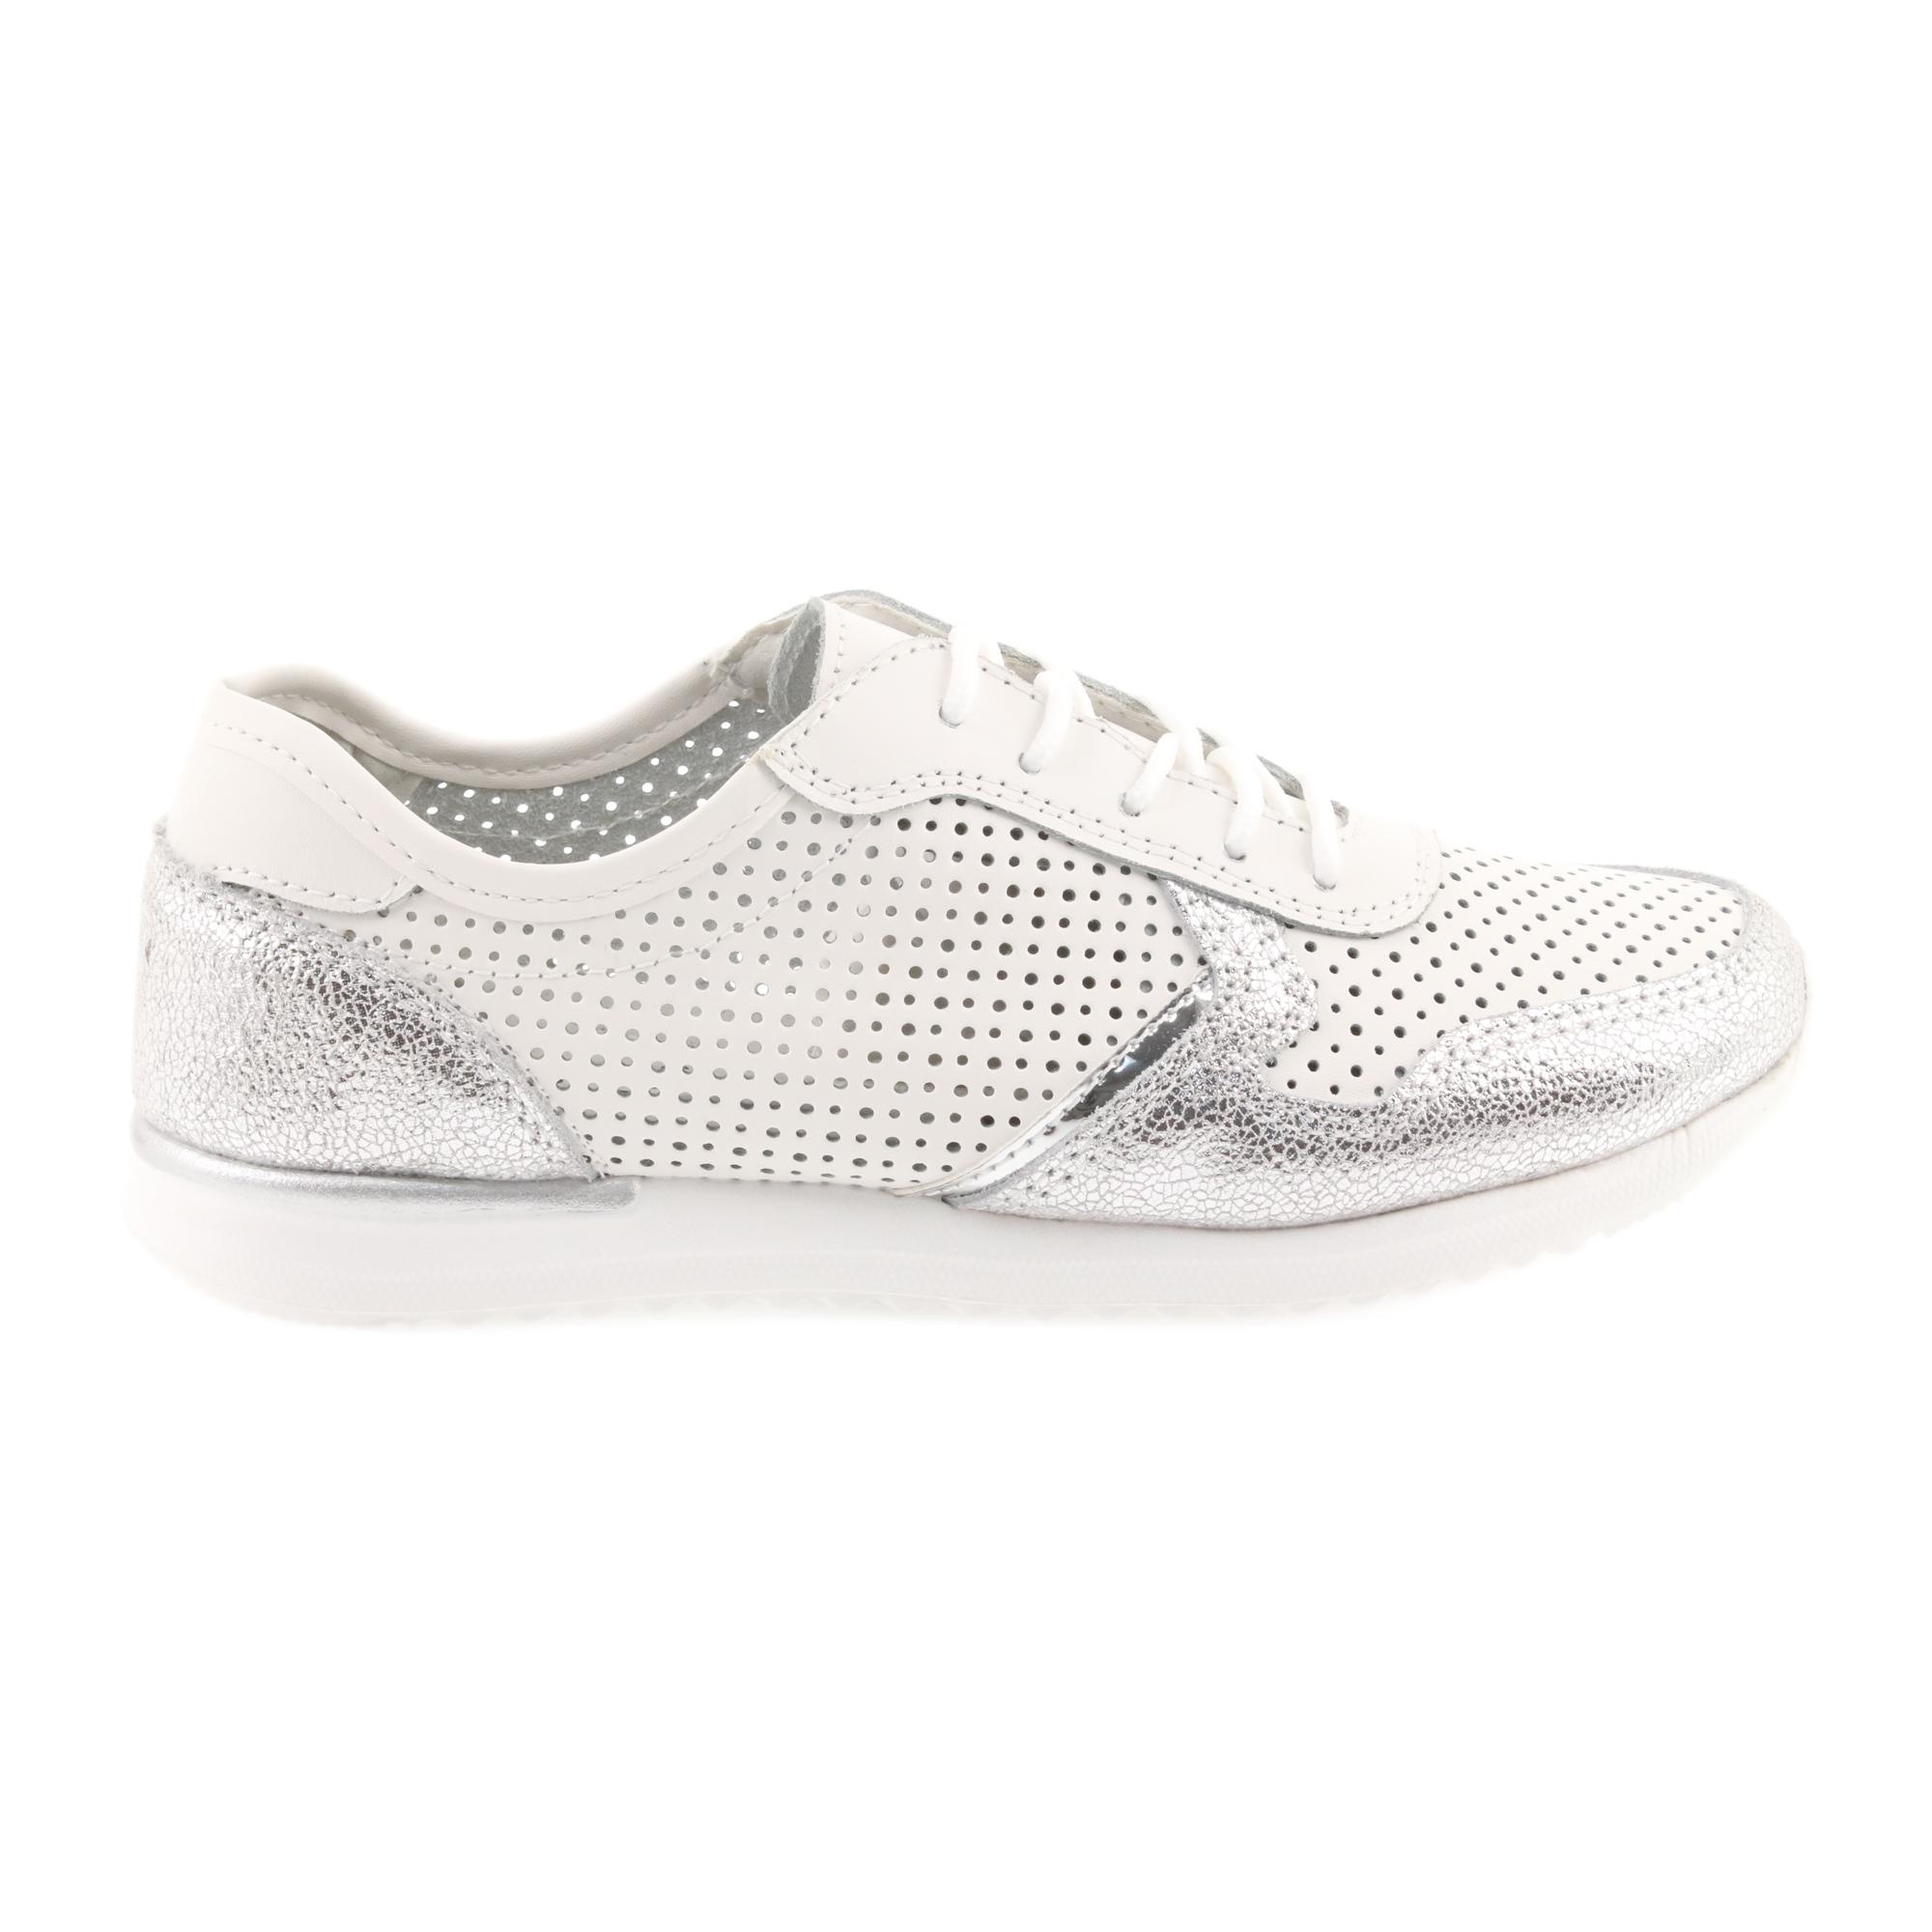 premium selection 1a08d d8319 Filippo 737 scarpe sportive da donna bianche e argento